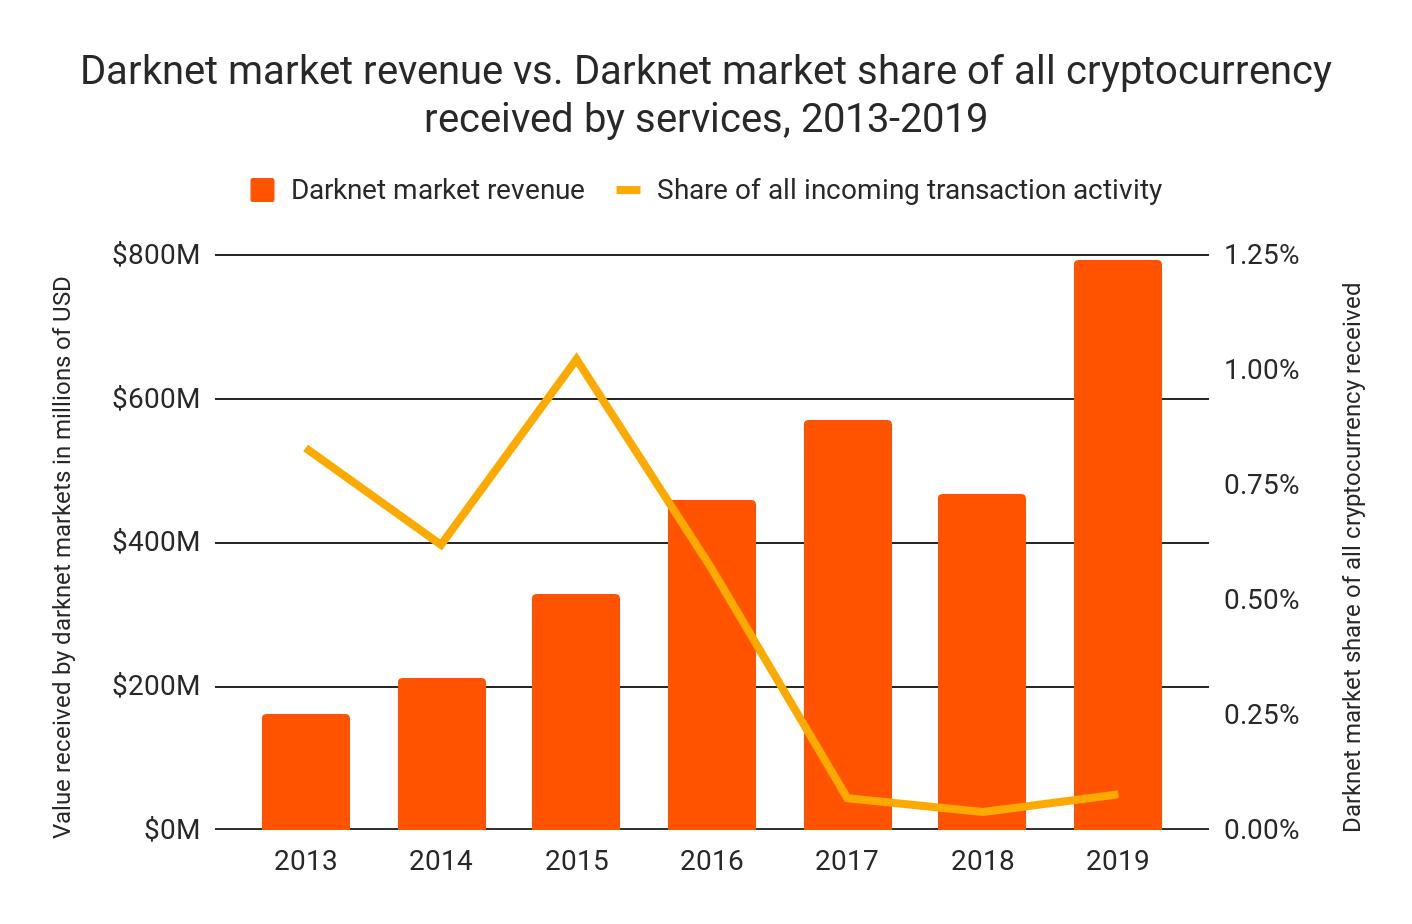 Доля рынка Darknet по всем платежам криптовалюты, 2013-2019